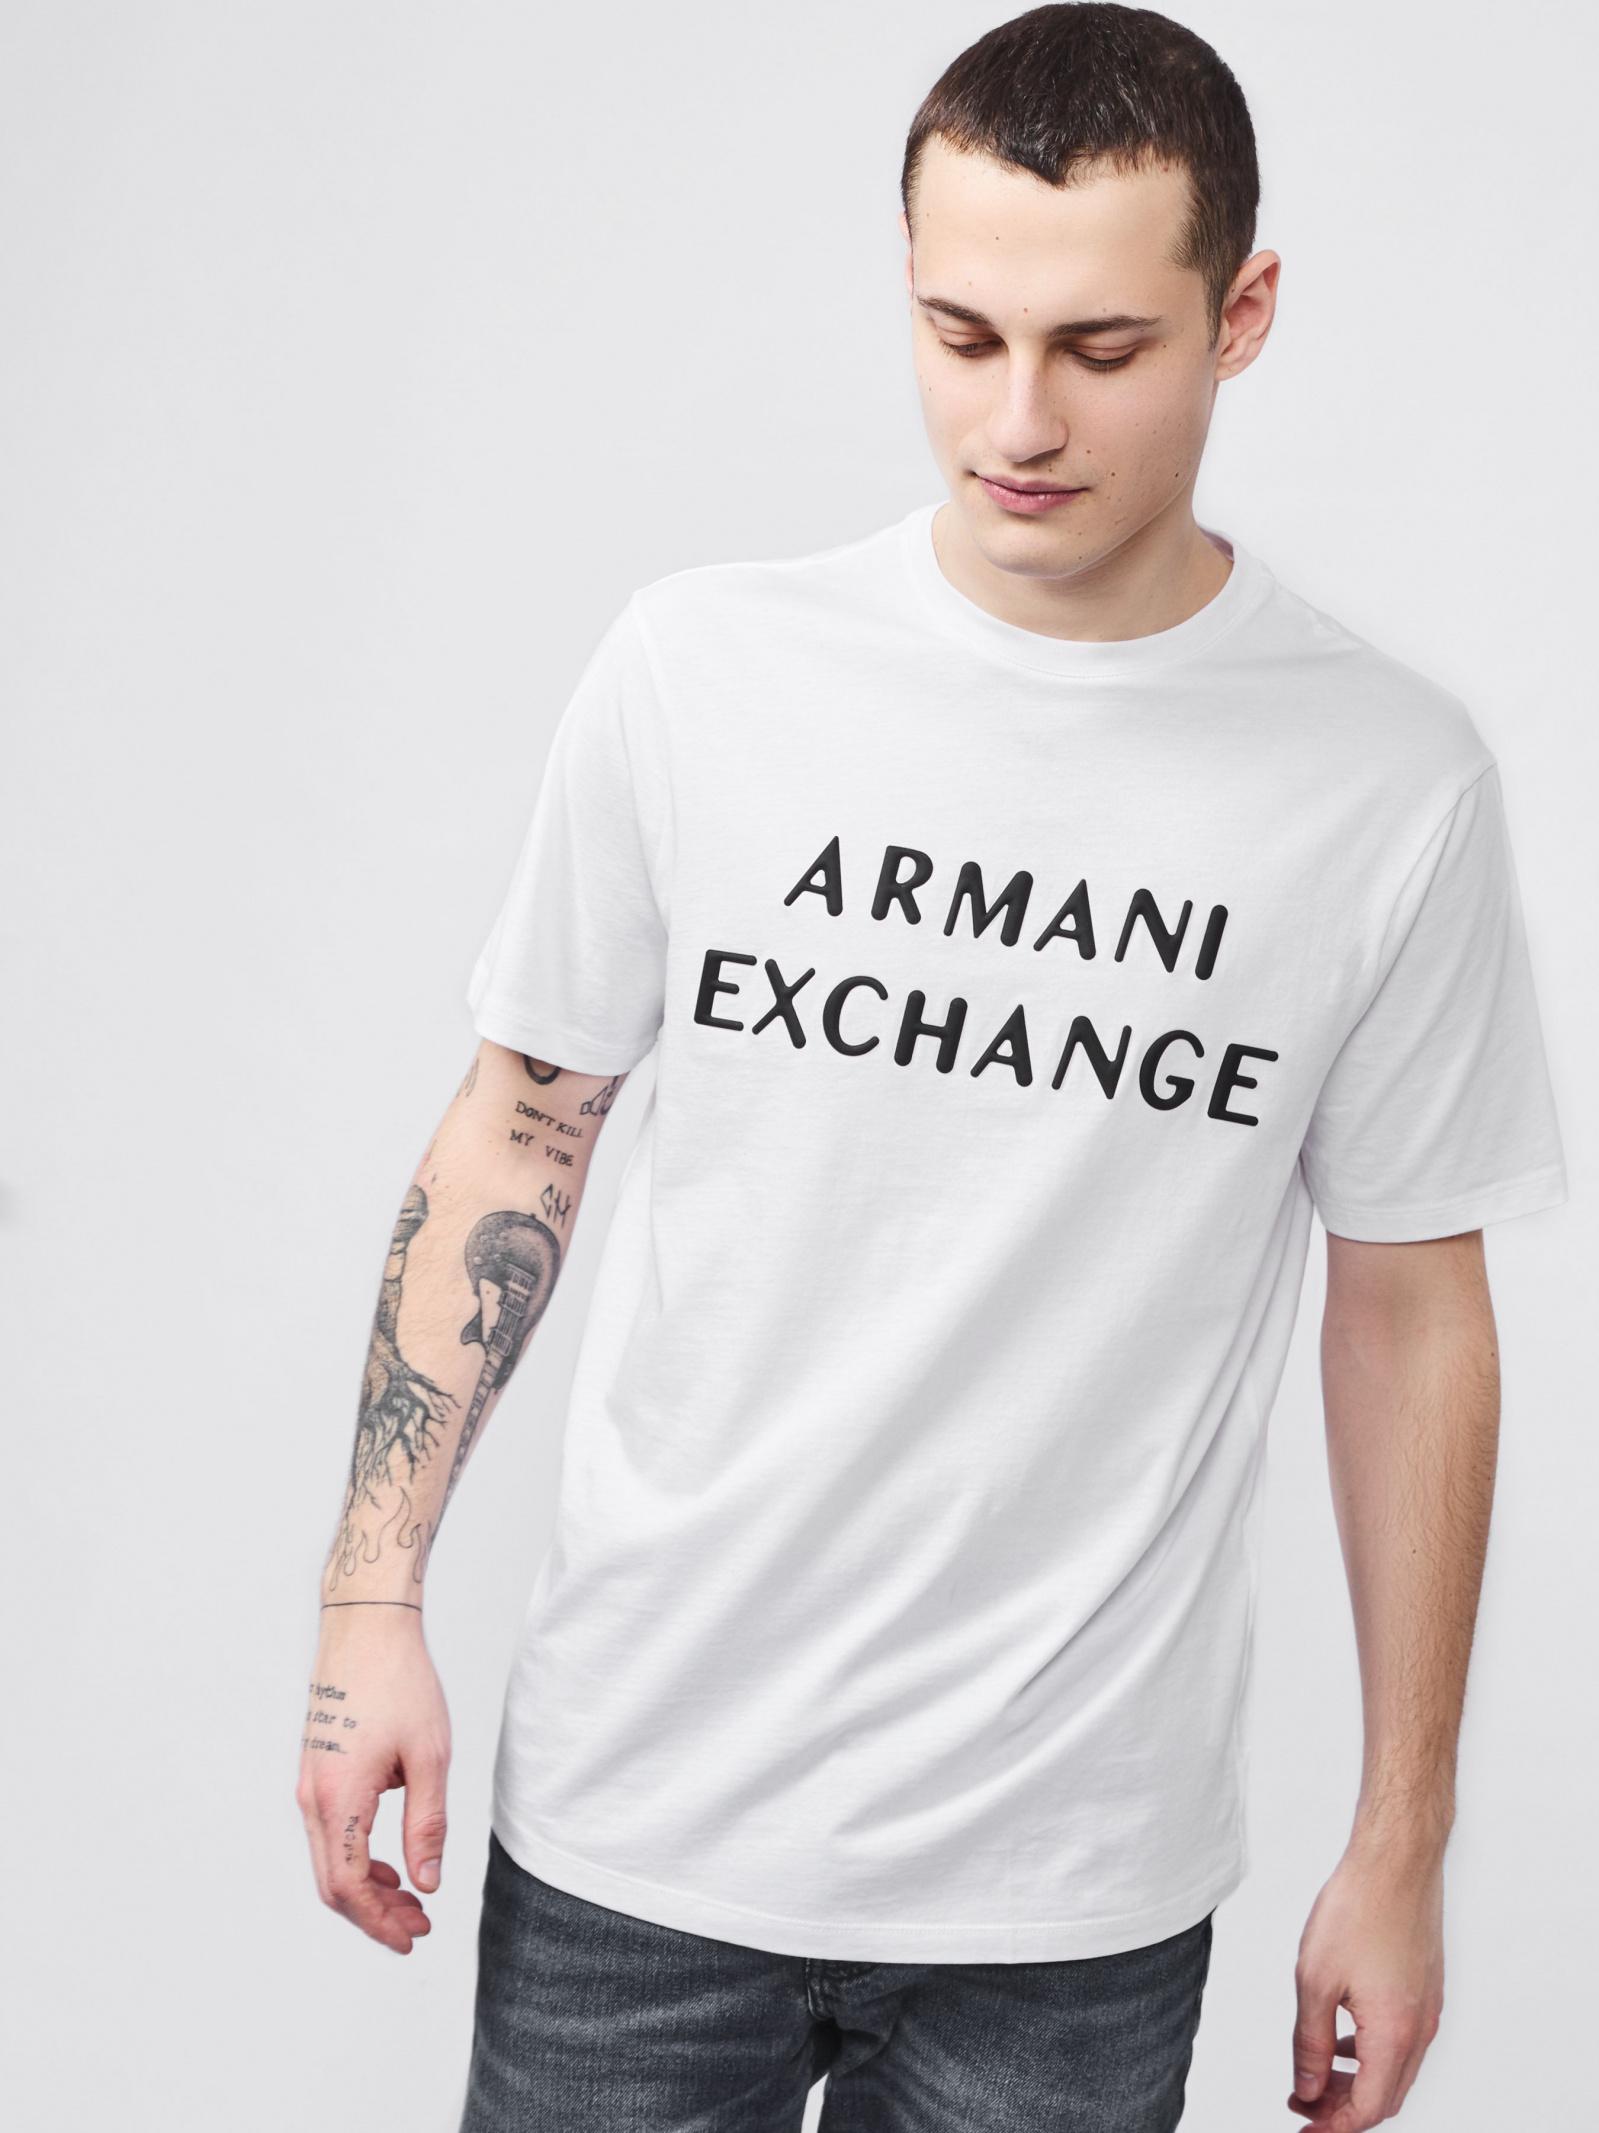 Футболка чоловіча Armani Exchange модель 3HZTFA-ZJH4Z-1100 - фото